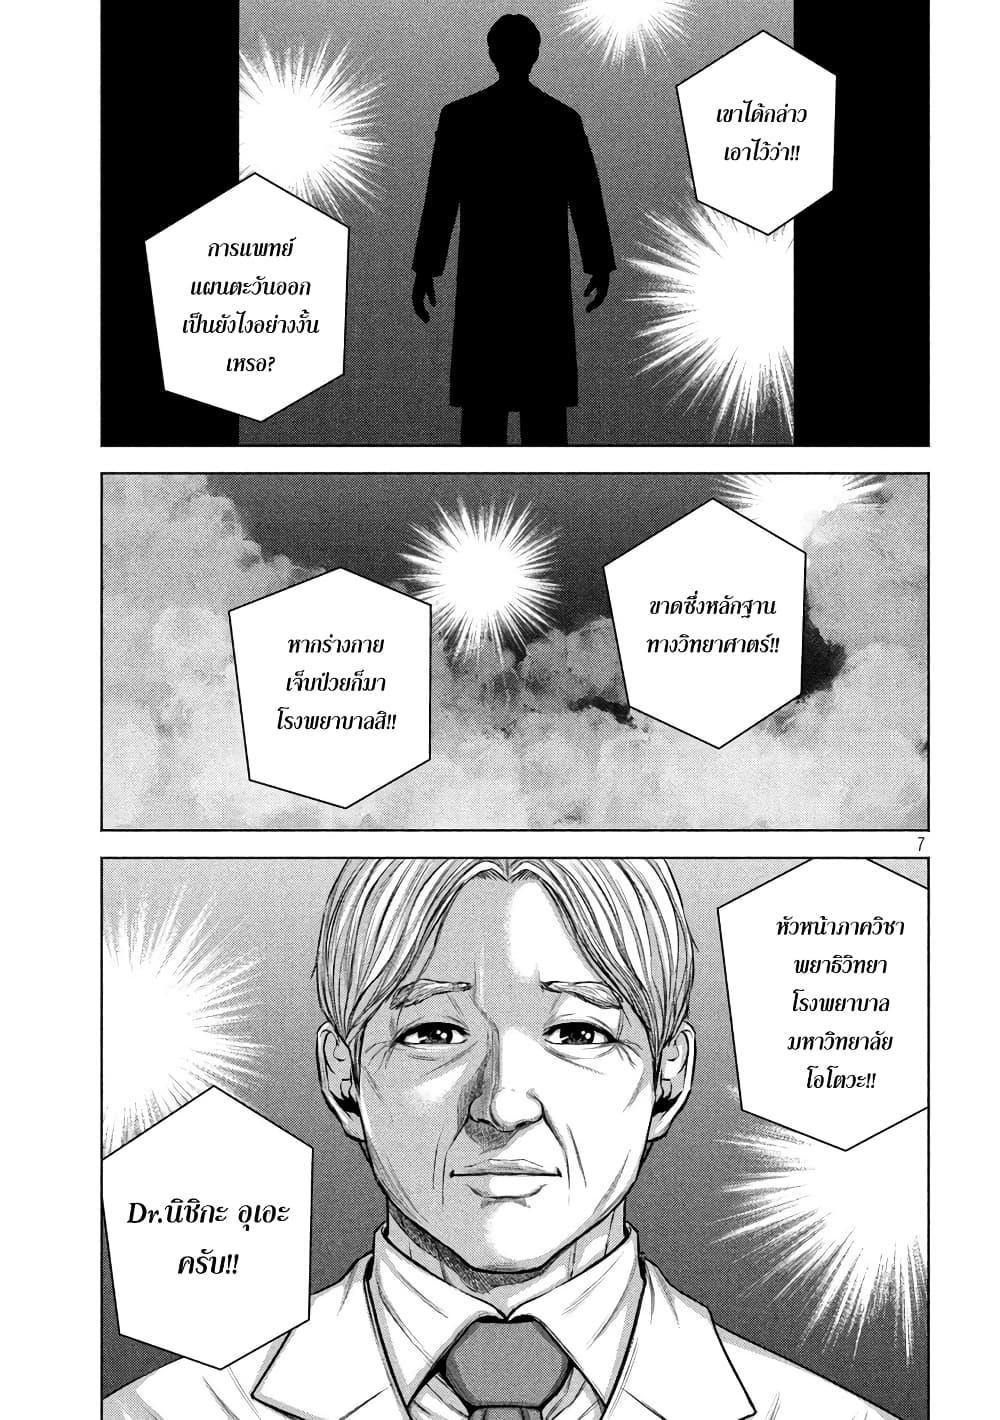 อ่านการ์ตูน Kenshirou ni Yoroshiku ตอนที่ 28 หน้าที่ 7